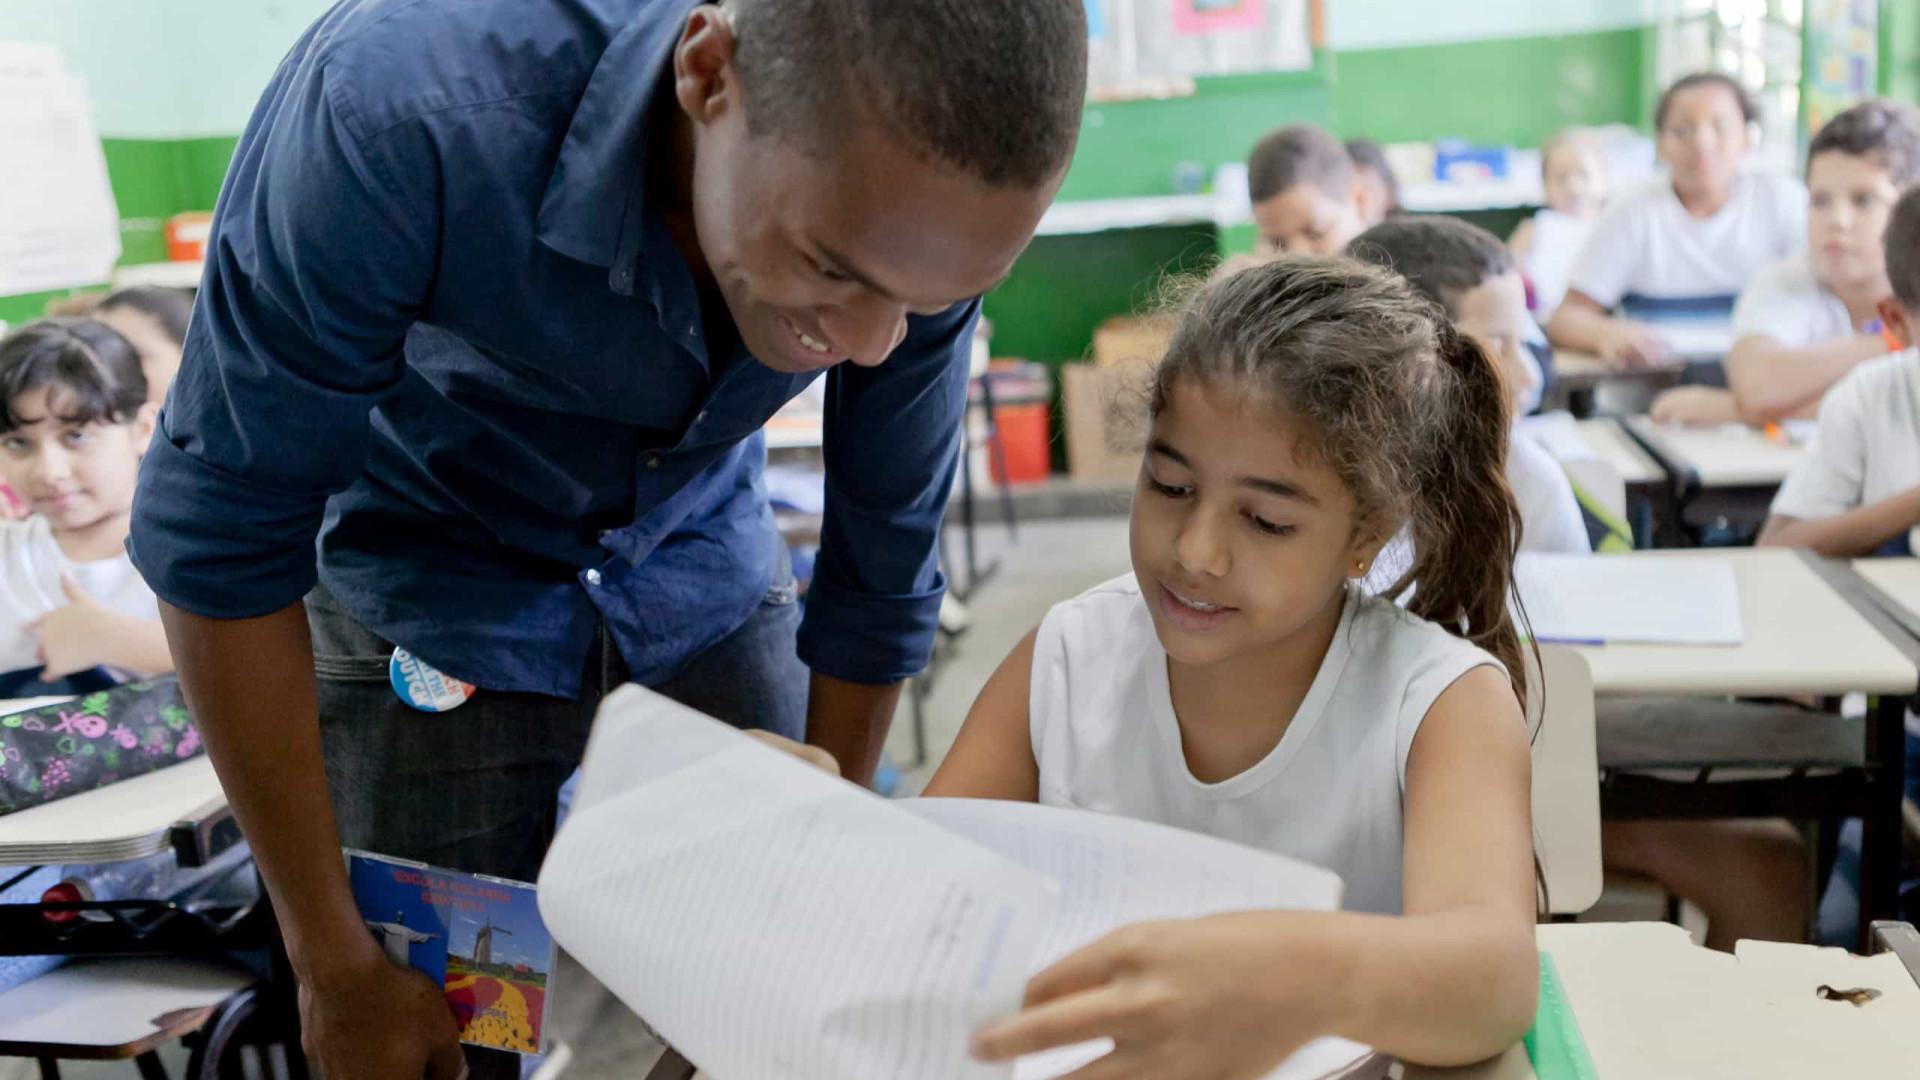 Brasil é o país com menor valorização dos professores, indica estudo internacional